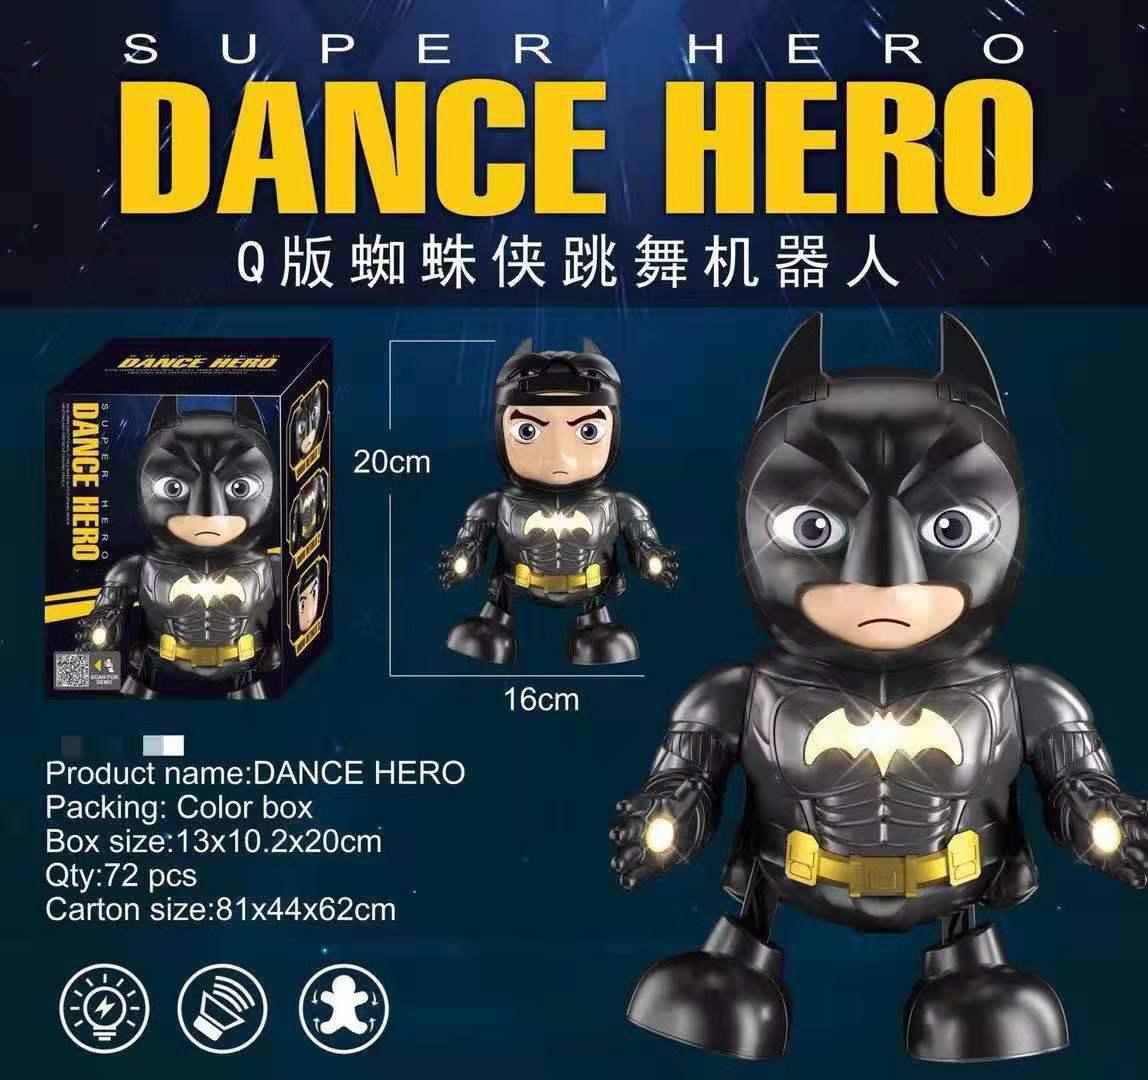 川劇變臉 雪寶 鋼鐵俠 會跳舞的機器人 發光蜘蛛人 蜘蛛人 美國隊長 大黃蜂 女鋼鐵人(小辣椒) 薩諾斯 9